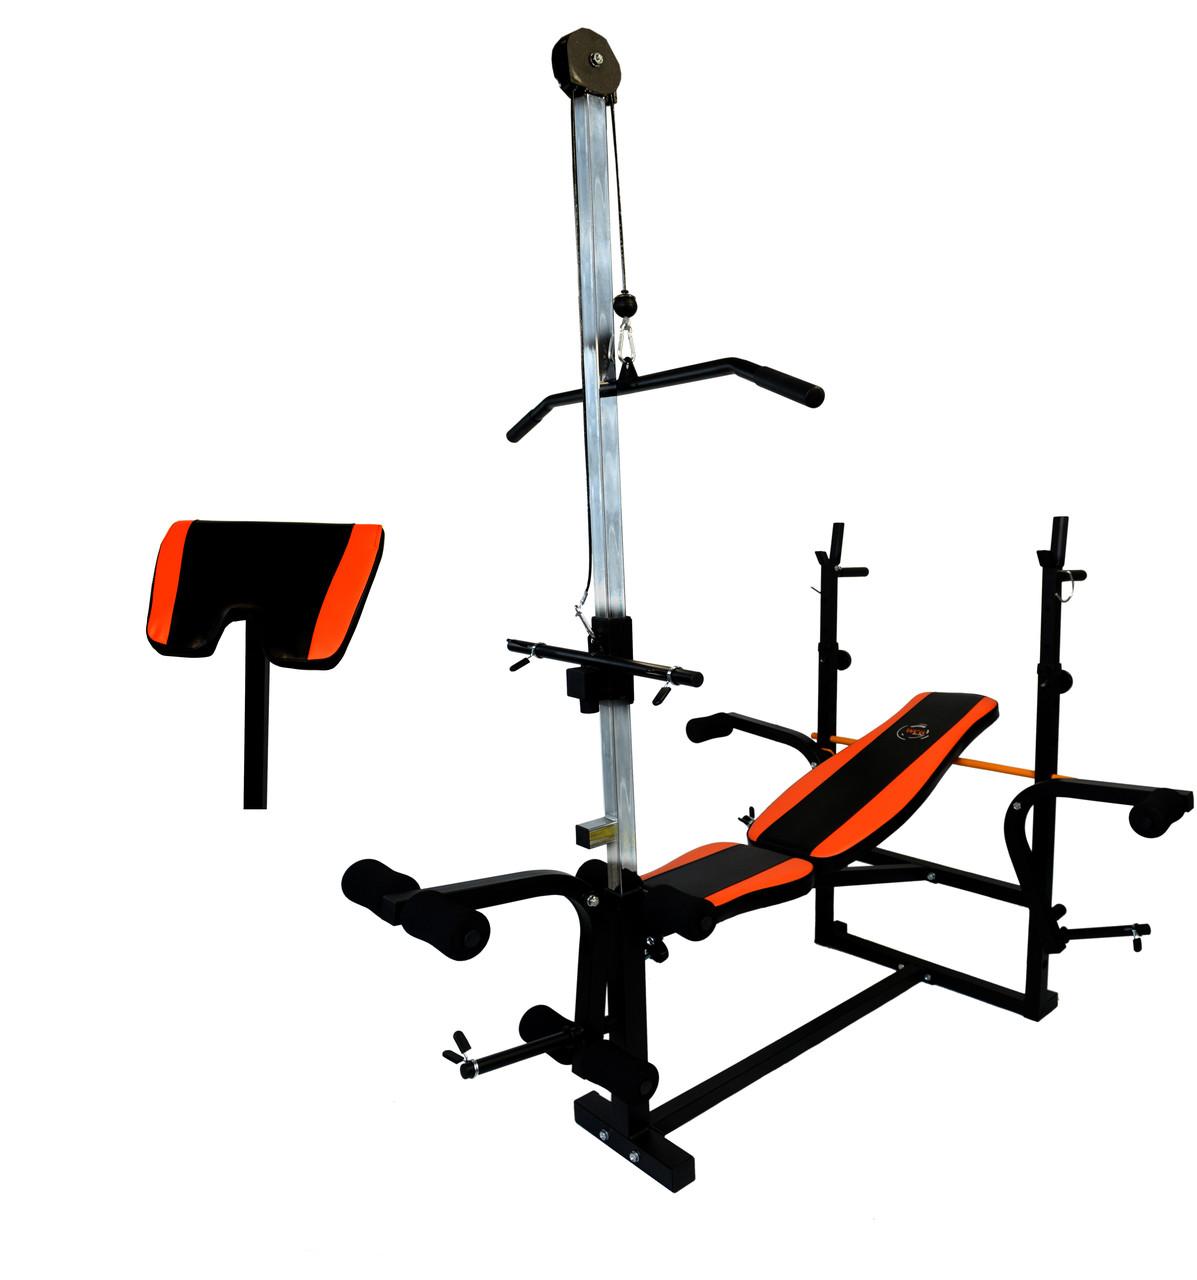 Скамья тренировочная WCG 0070 + Тяга  , скотта +  штанга 50 кг